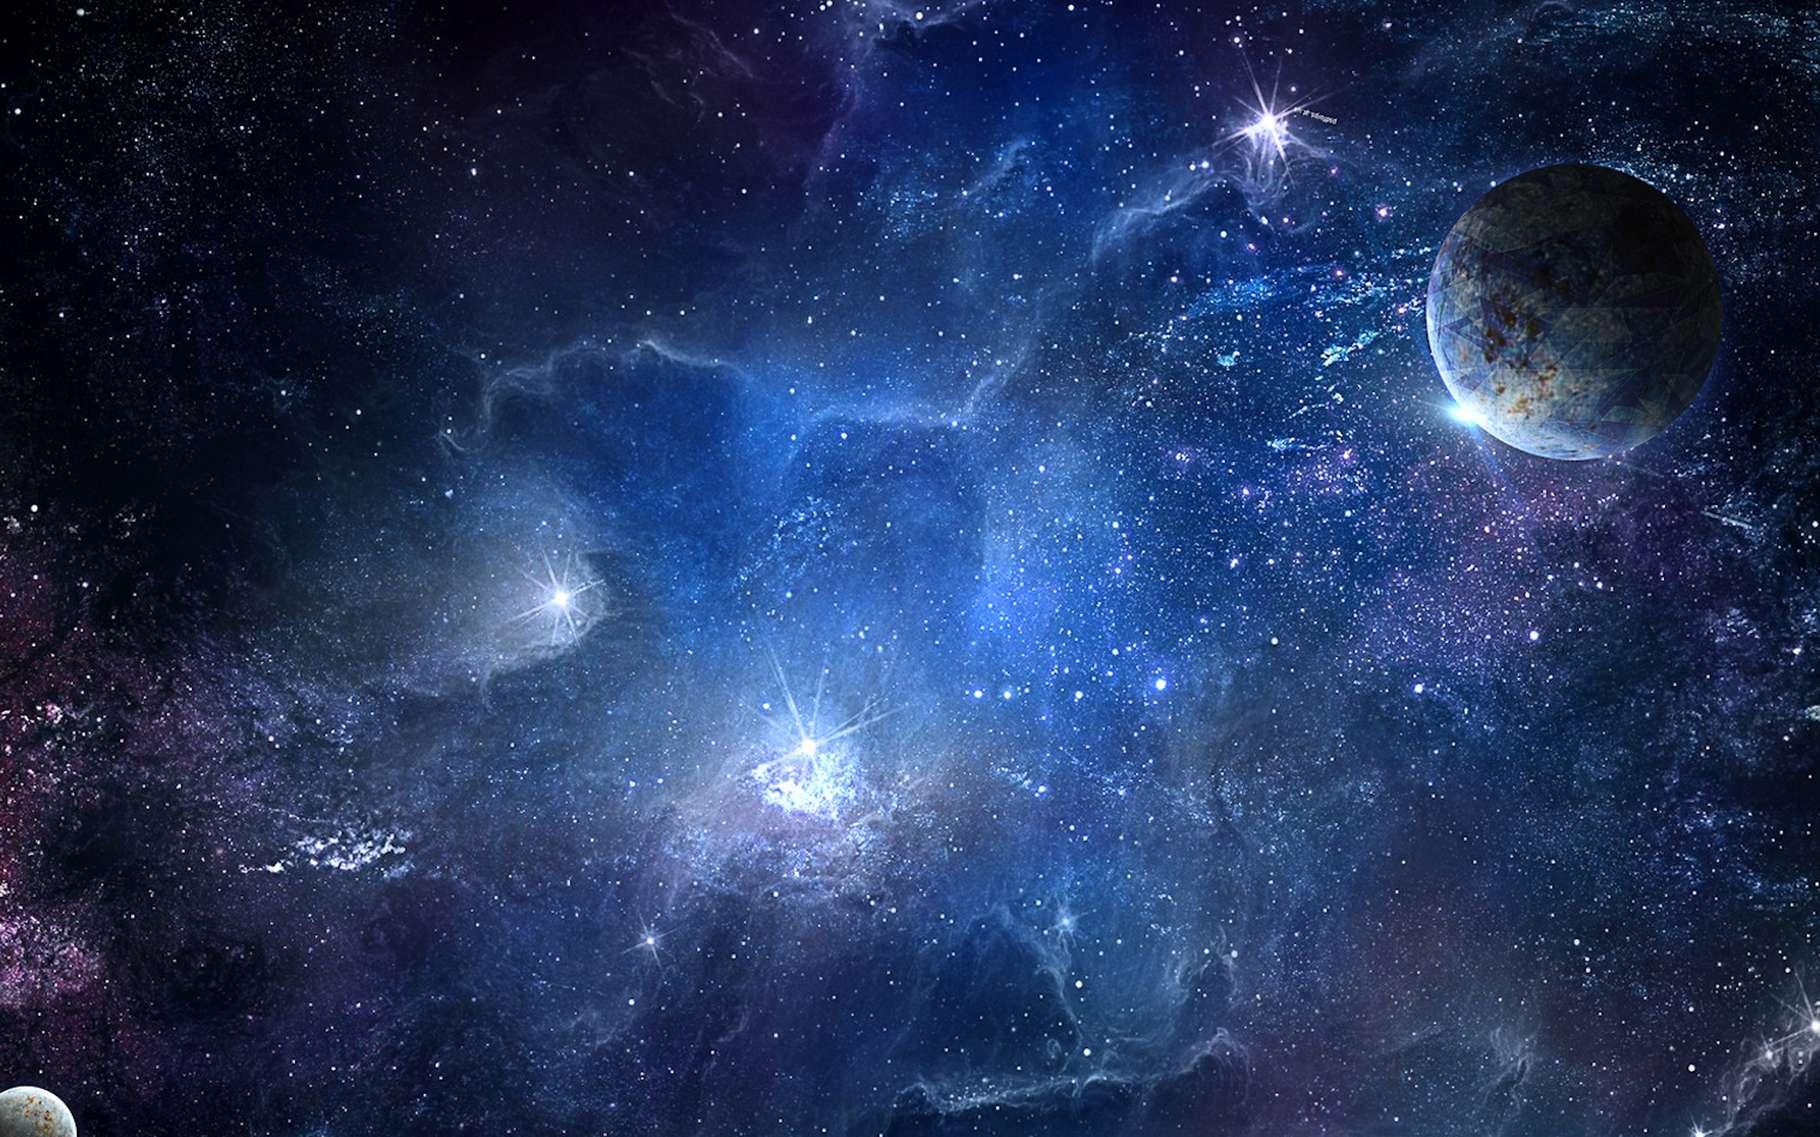 Grâce à un algorithme qui prend en compte la courbe de luminosité réelle des étoiles, des chercheurs ont découvert 18 exoplanètes de la taille de la Terre. © pechenka_123, Fotolia